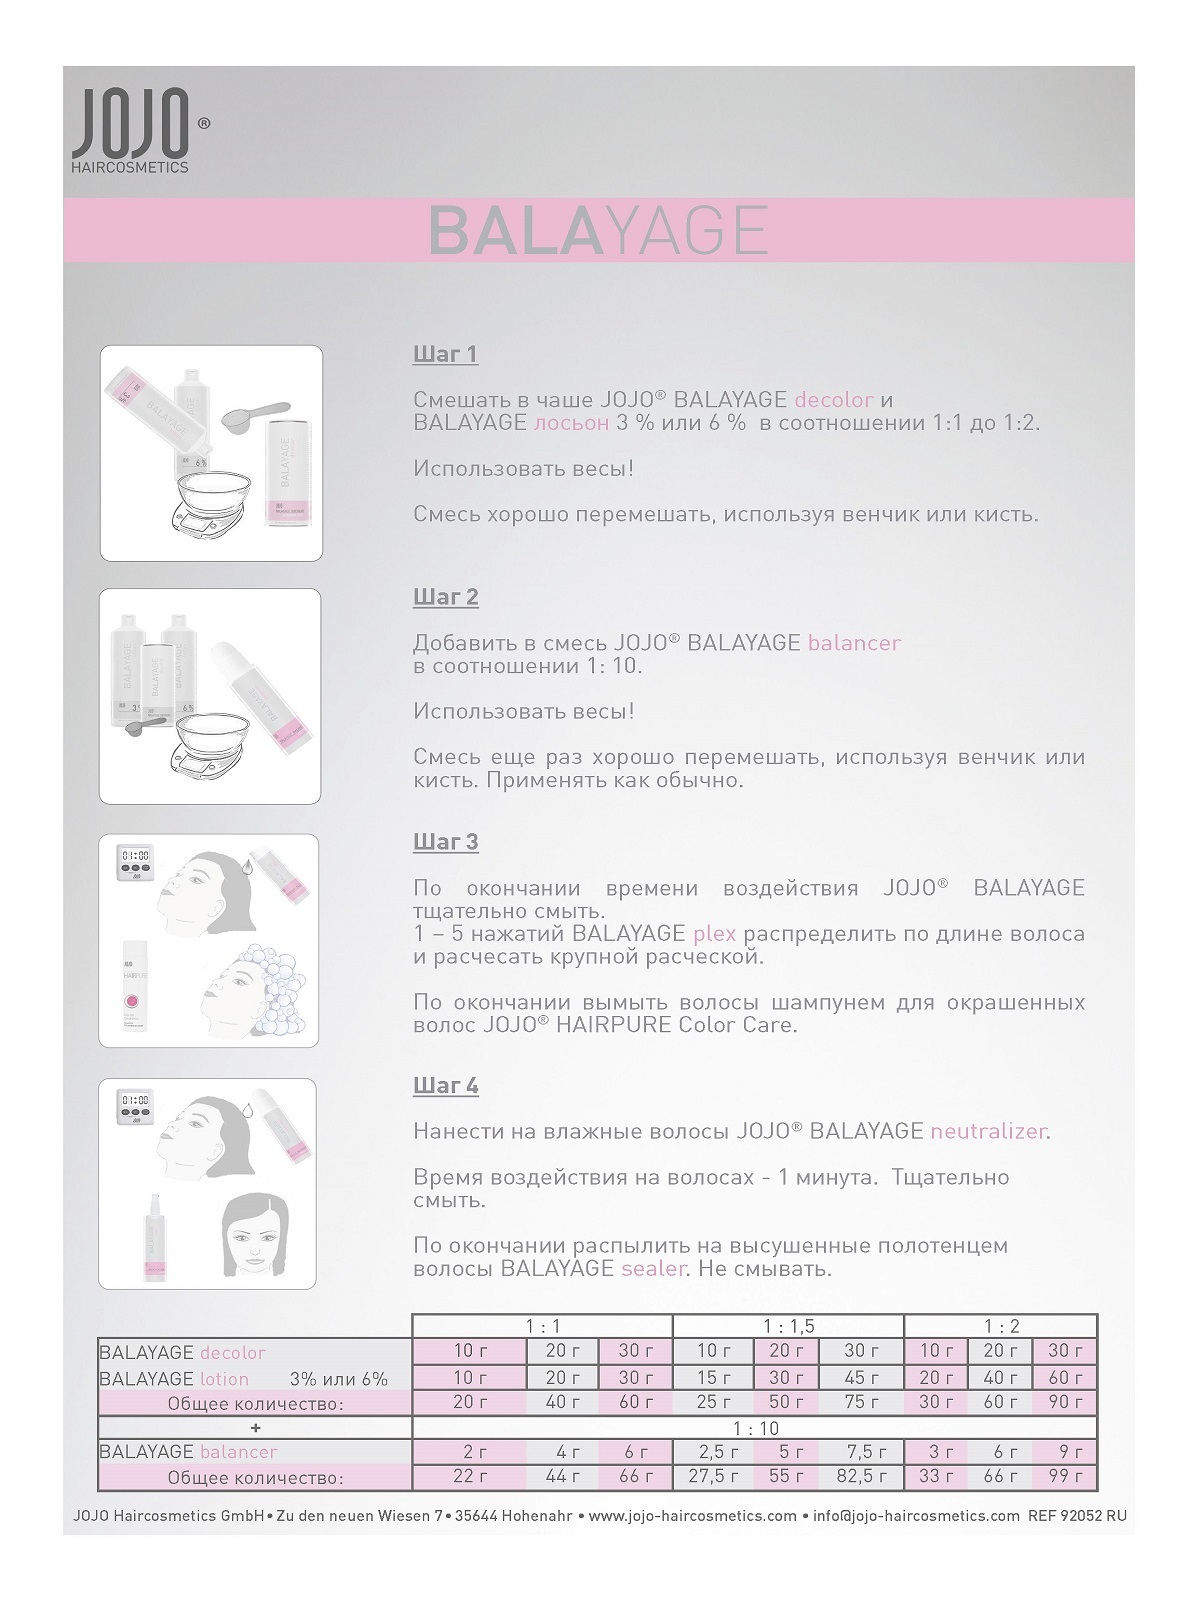 Balayage Neutralizer / Кондиционер для осветленных волос